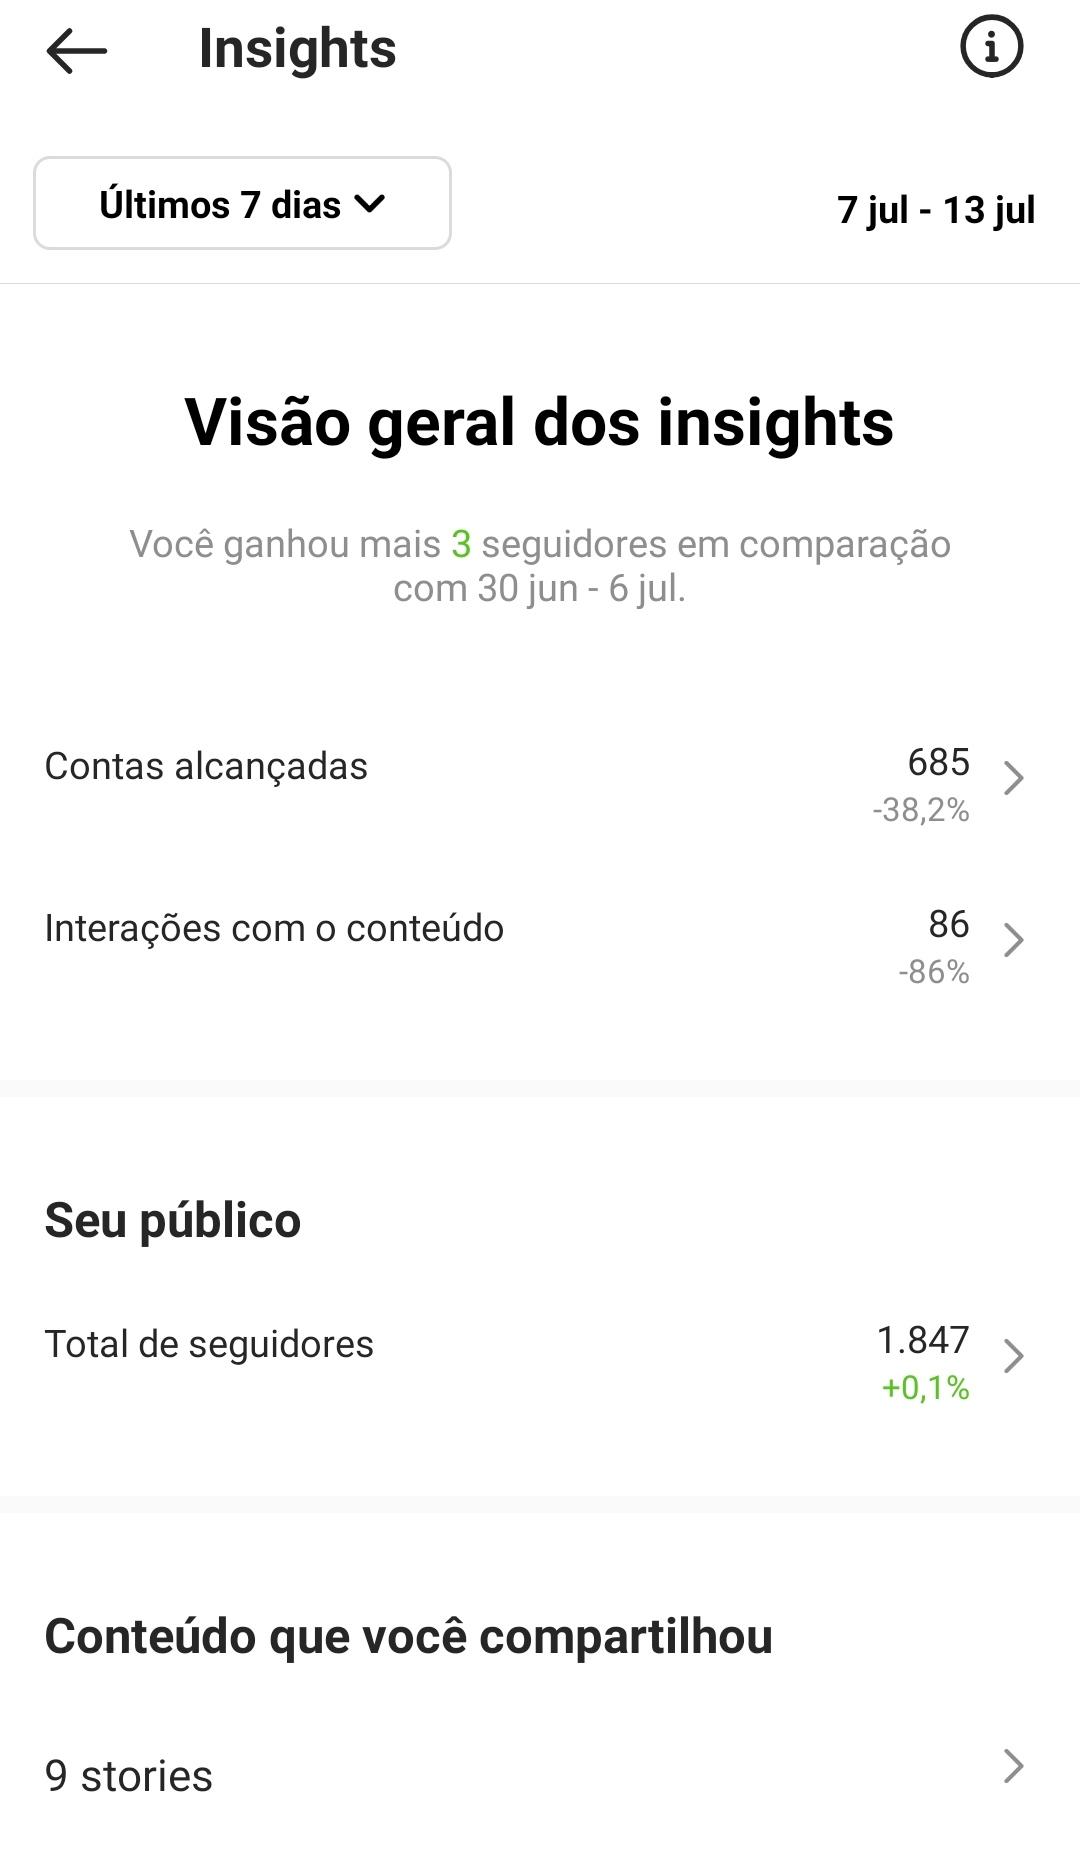 visao-geral-insights